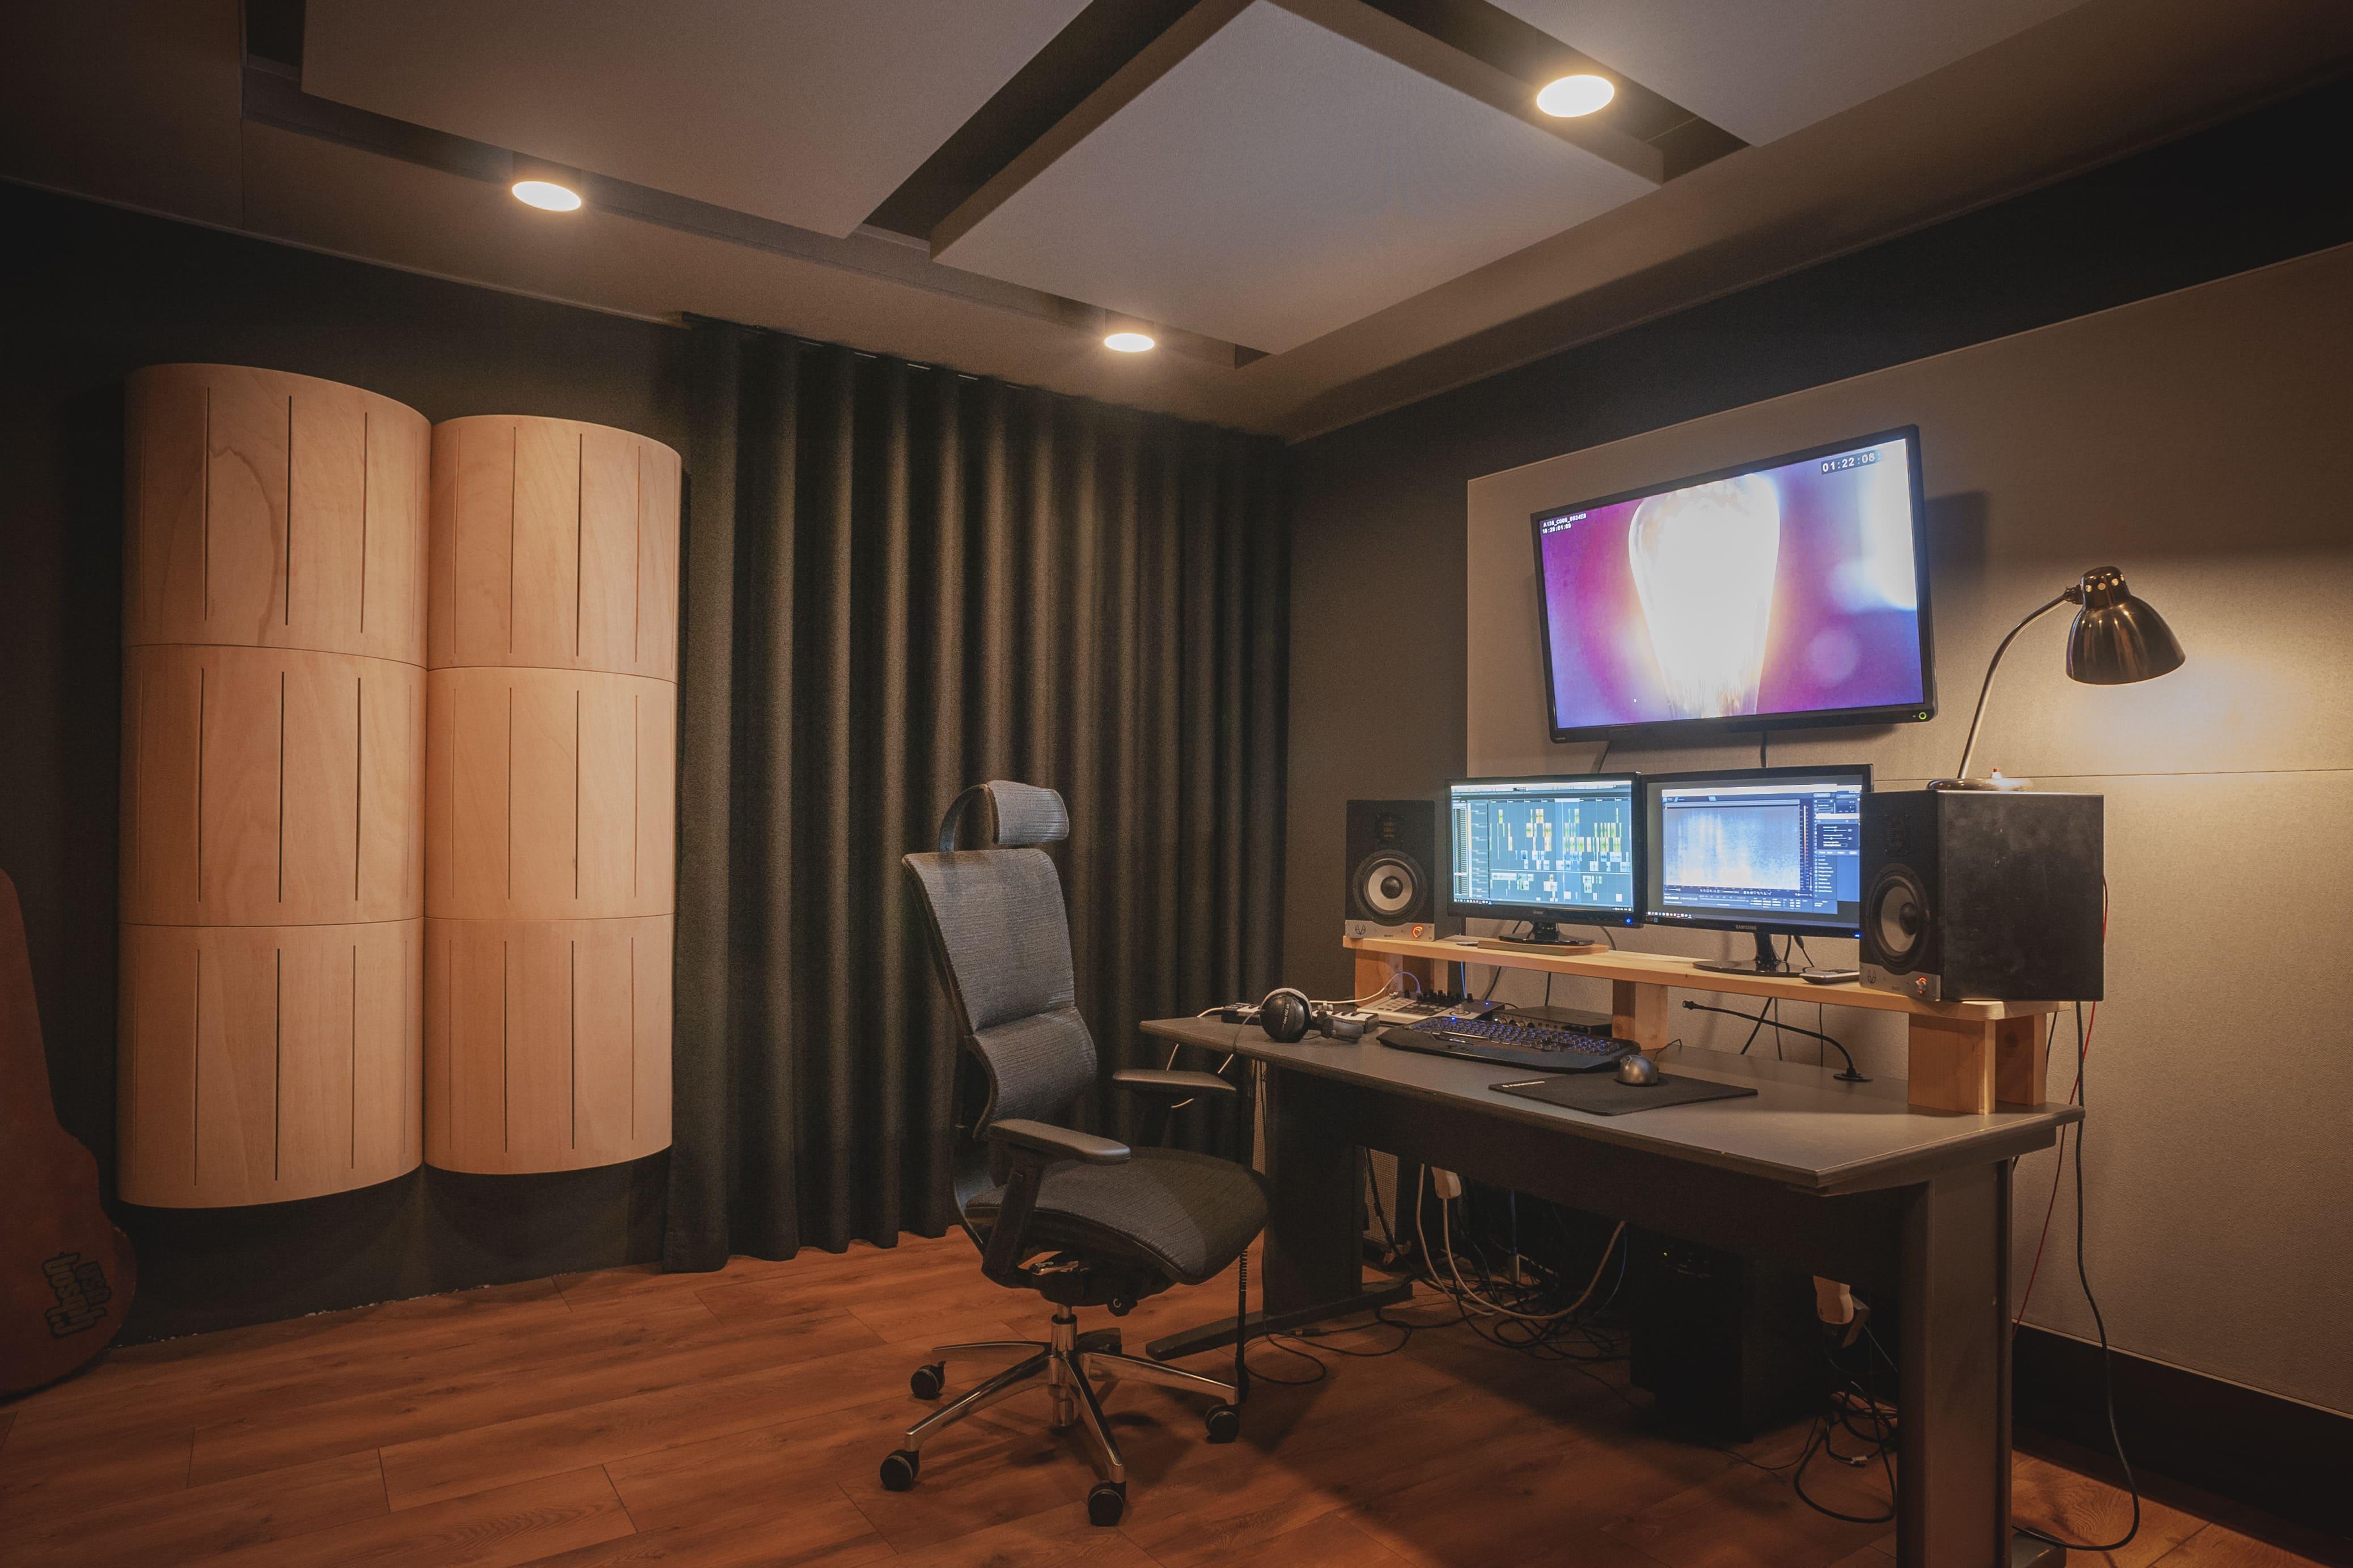 Studio muzyczne, dyfuzor akustyczny